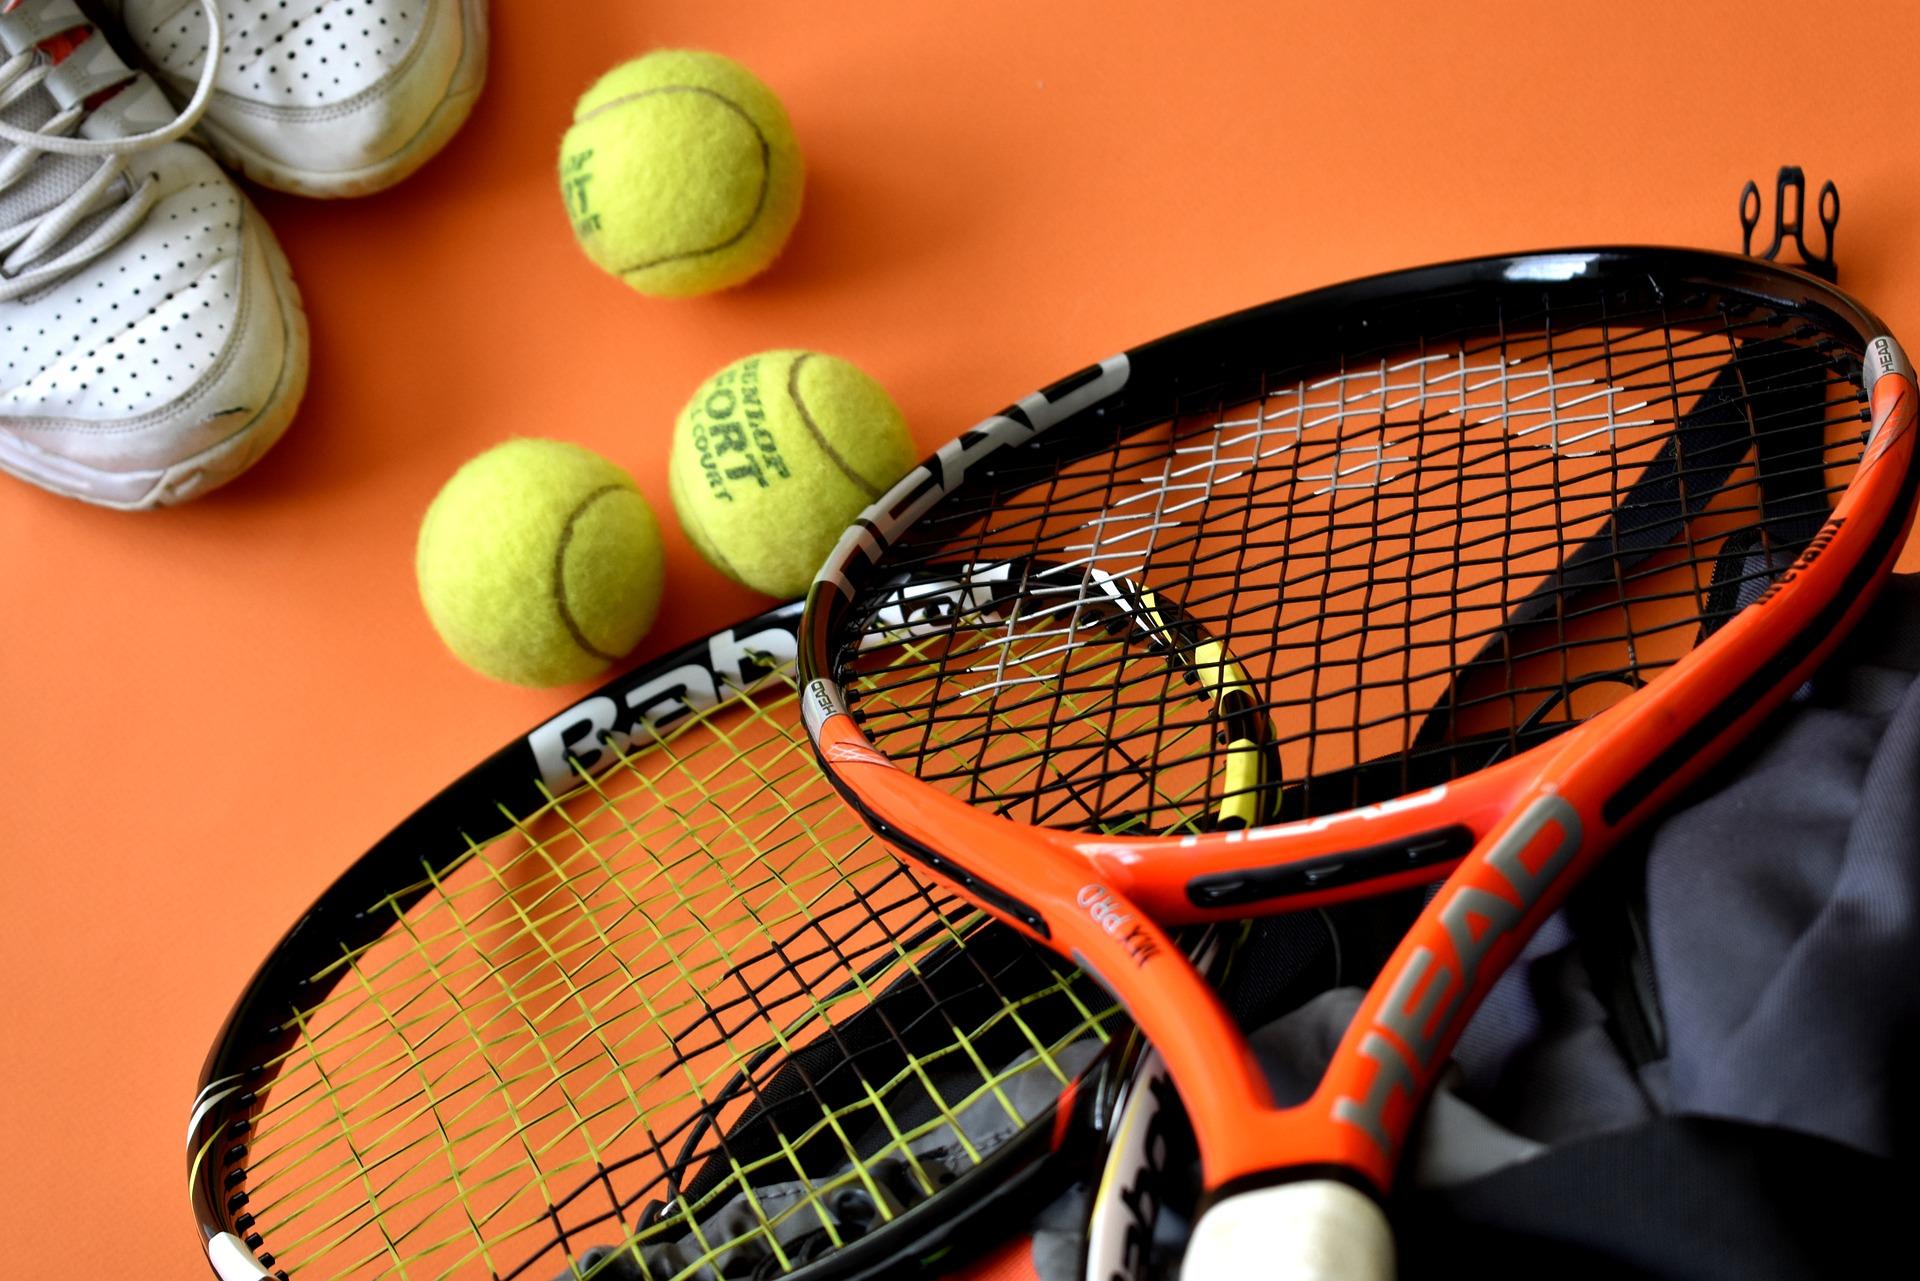 tennis-3554019_1920.jpg